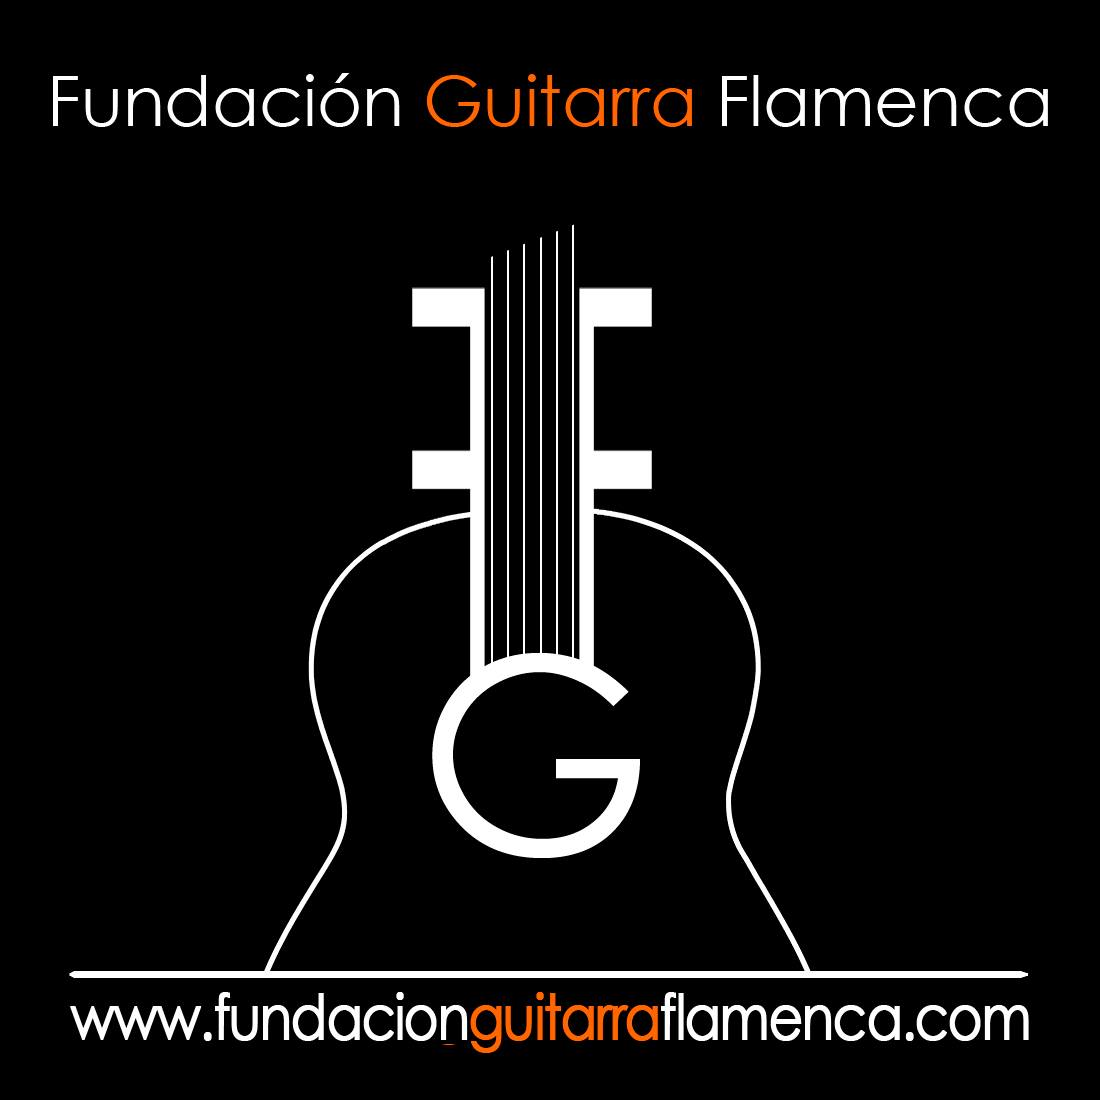 Fundación Guitarra Flamenca